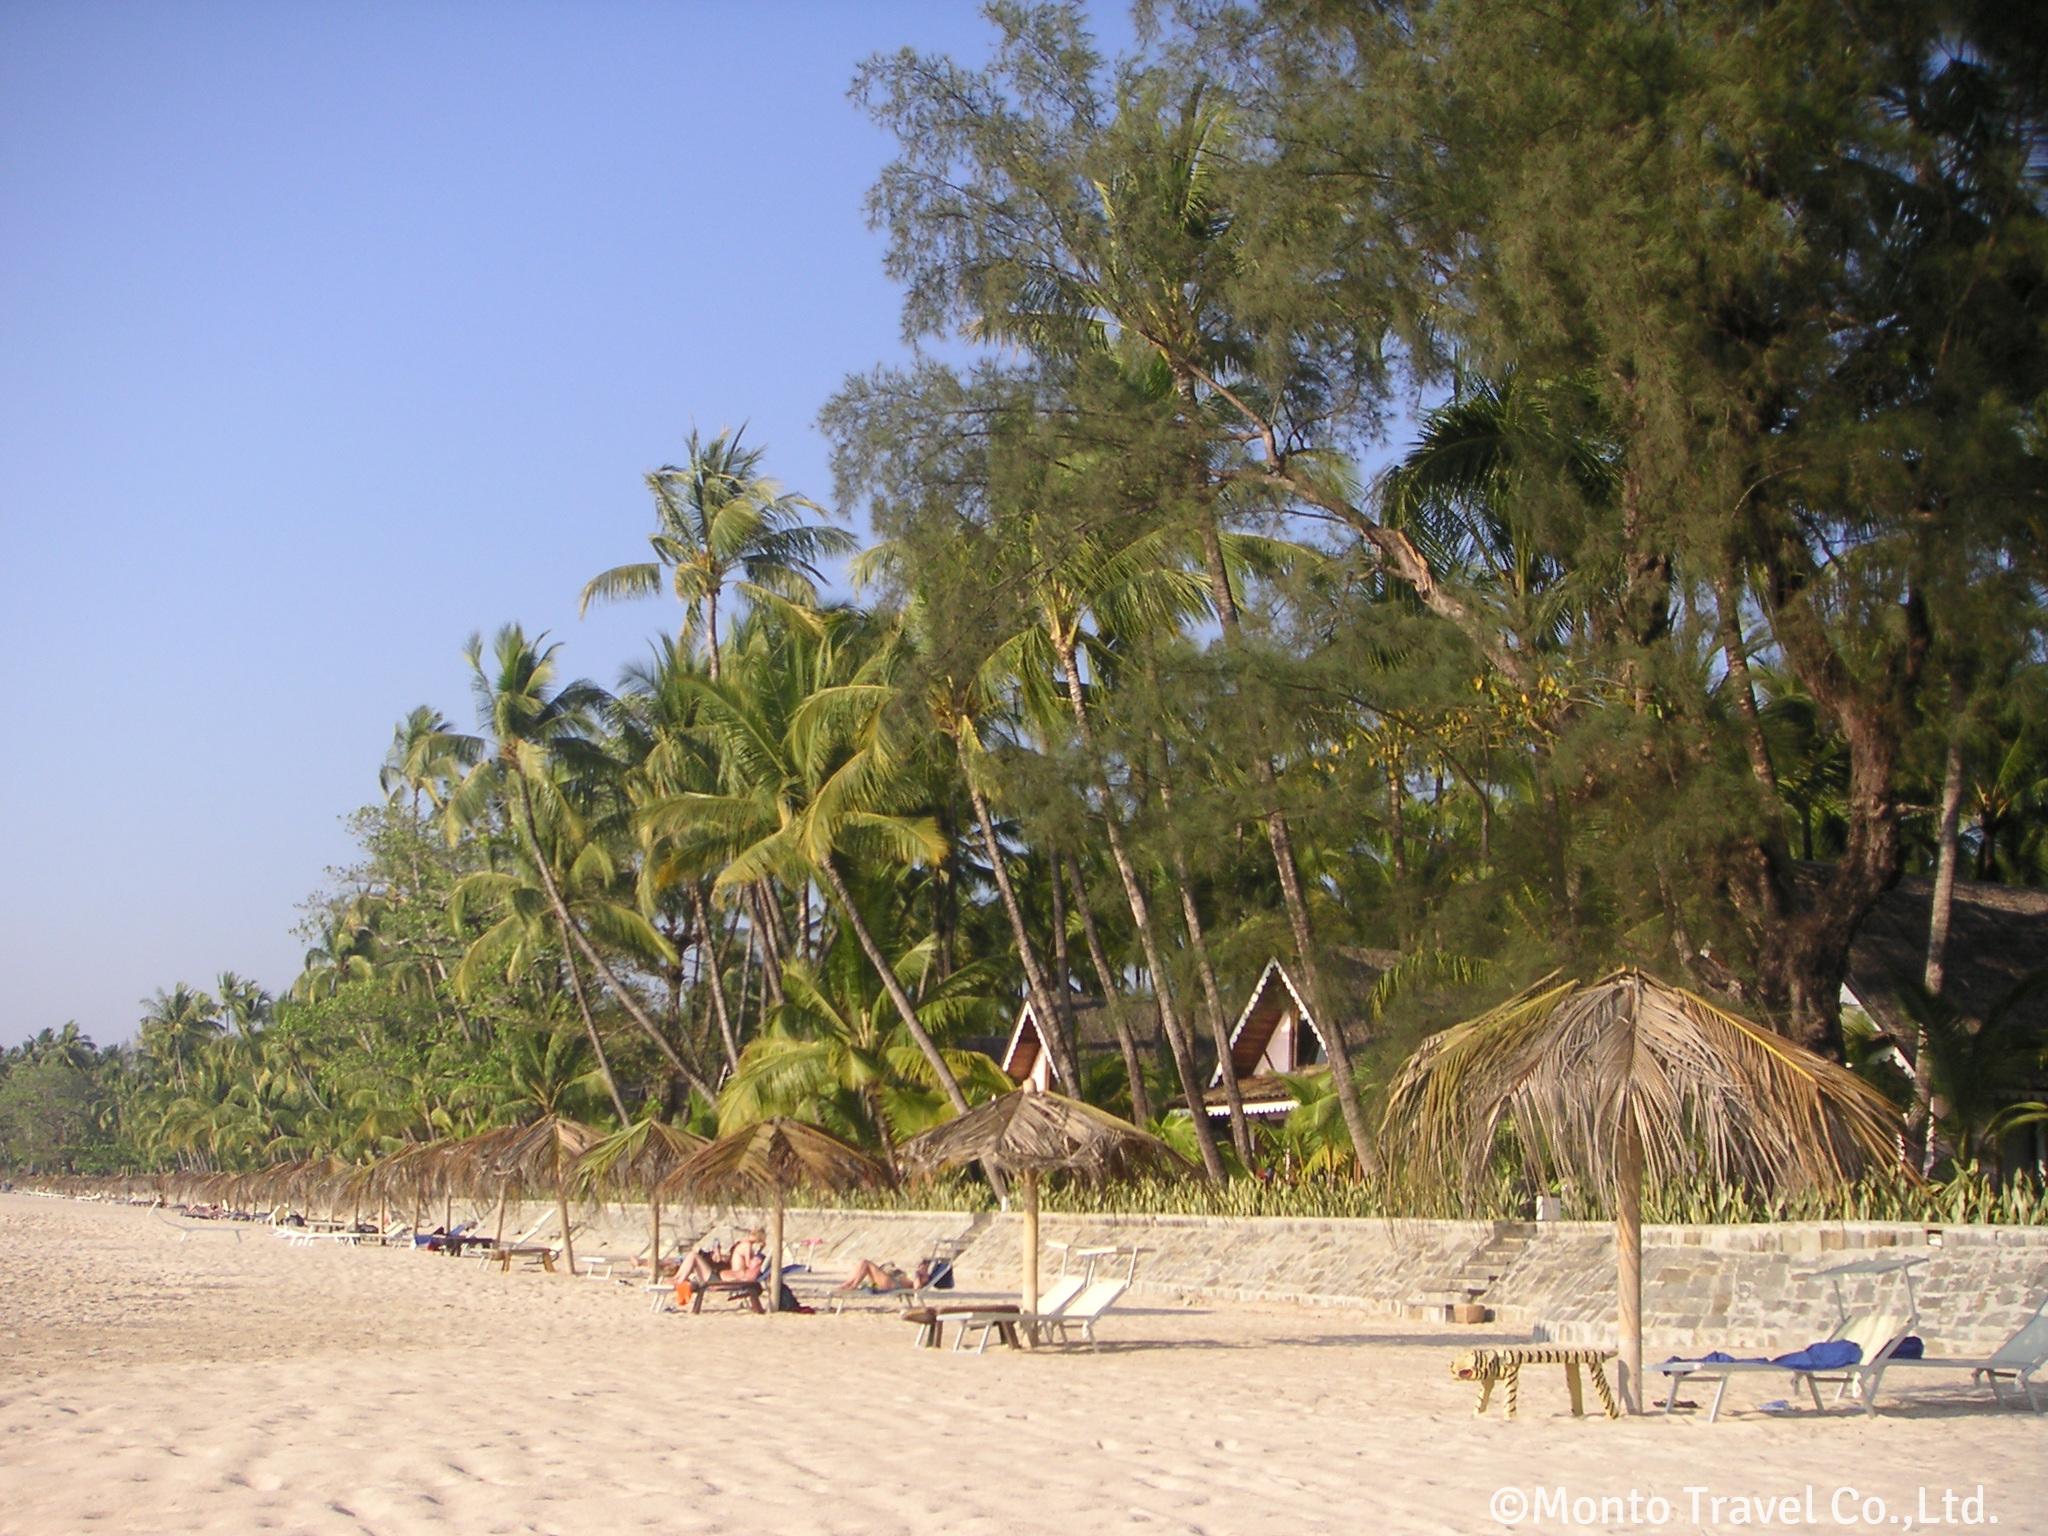 白い砂浜とヤシの木が美しいガパリビーチ